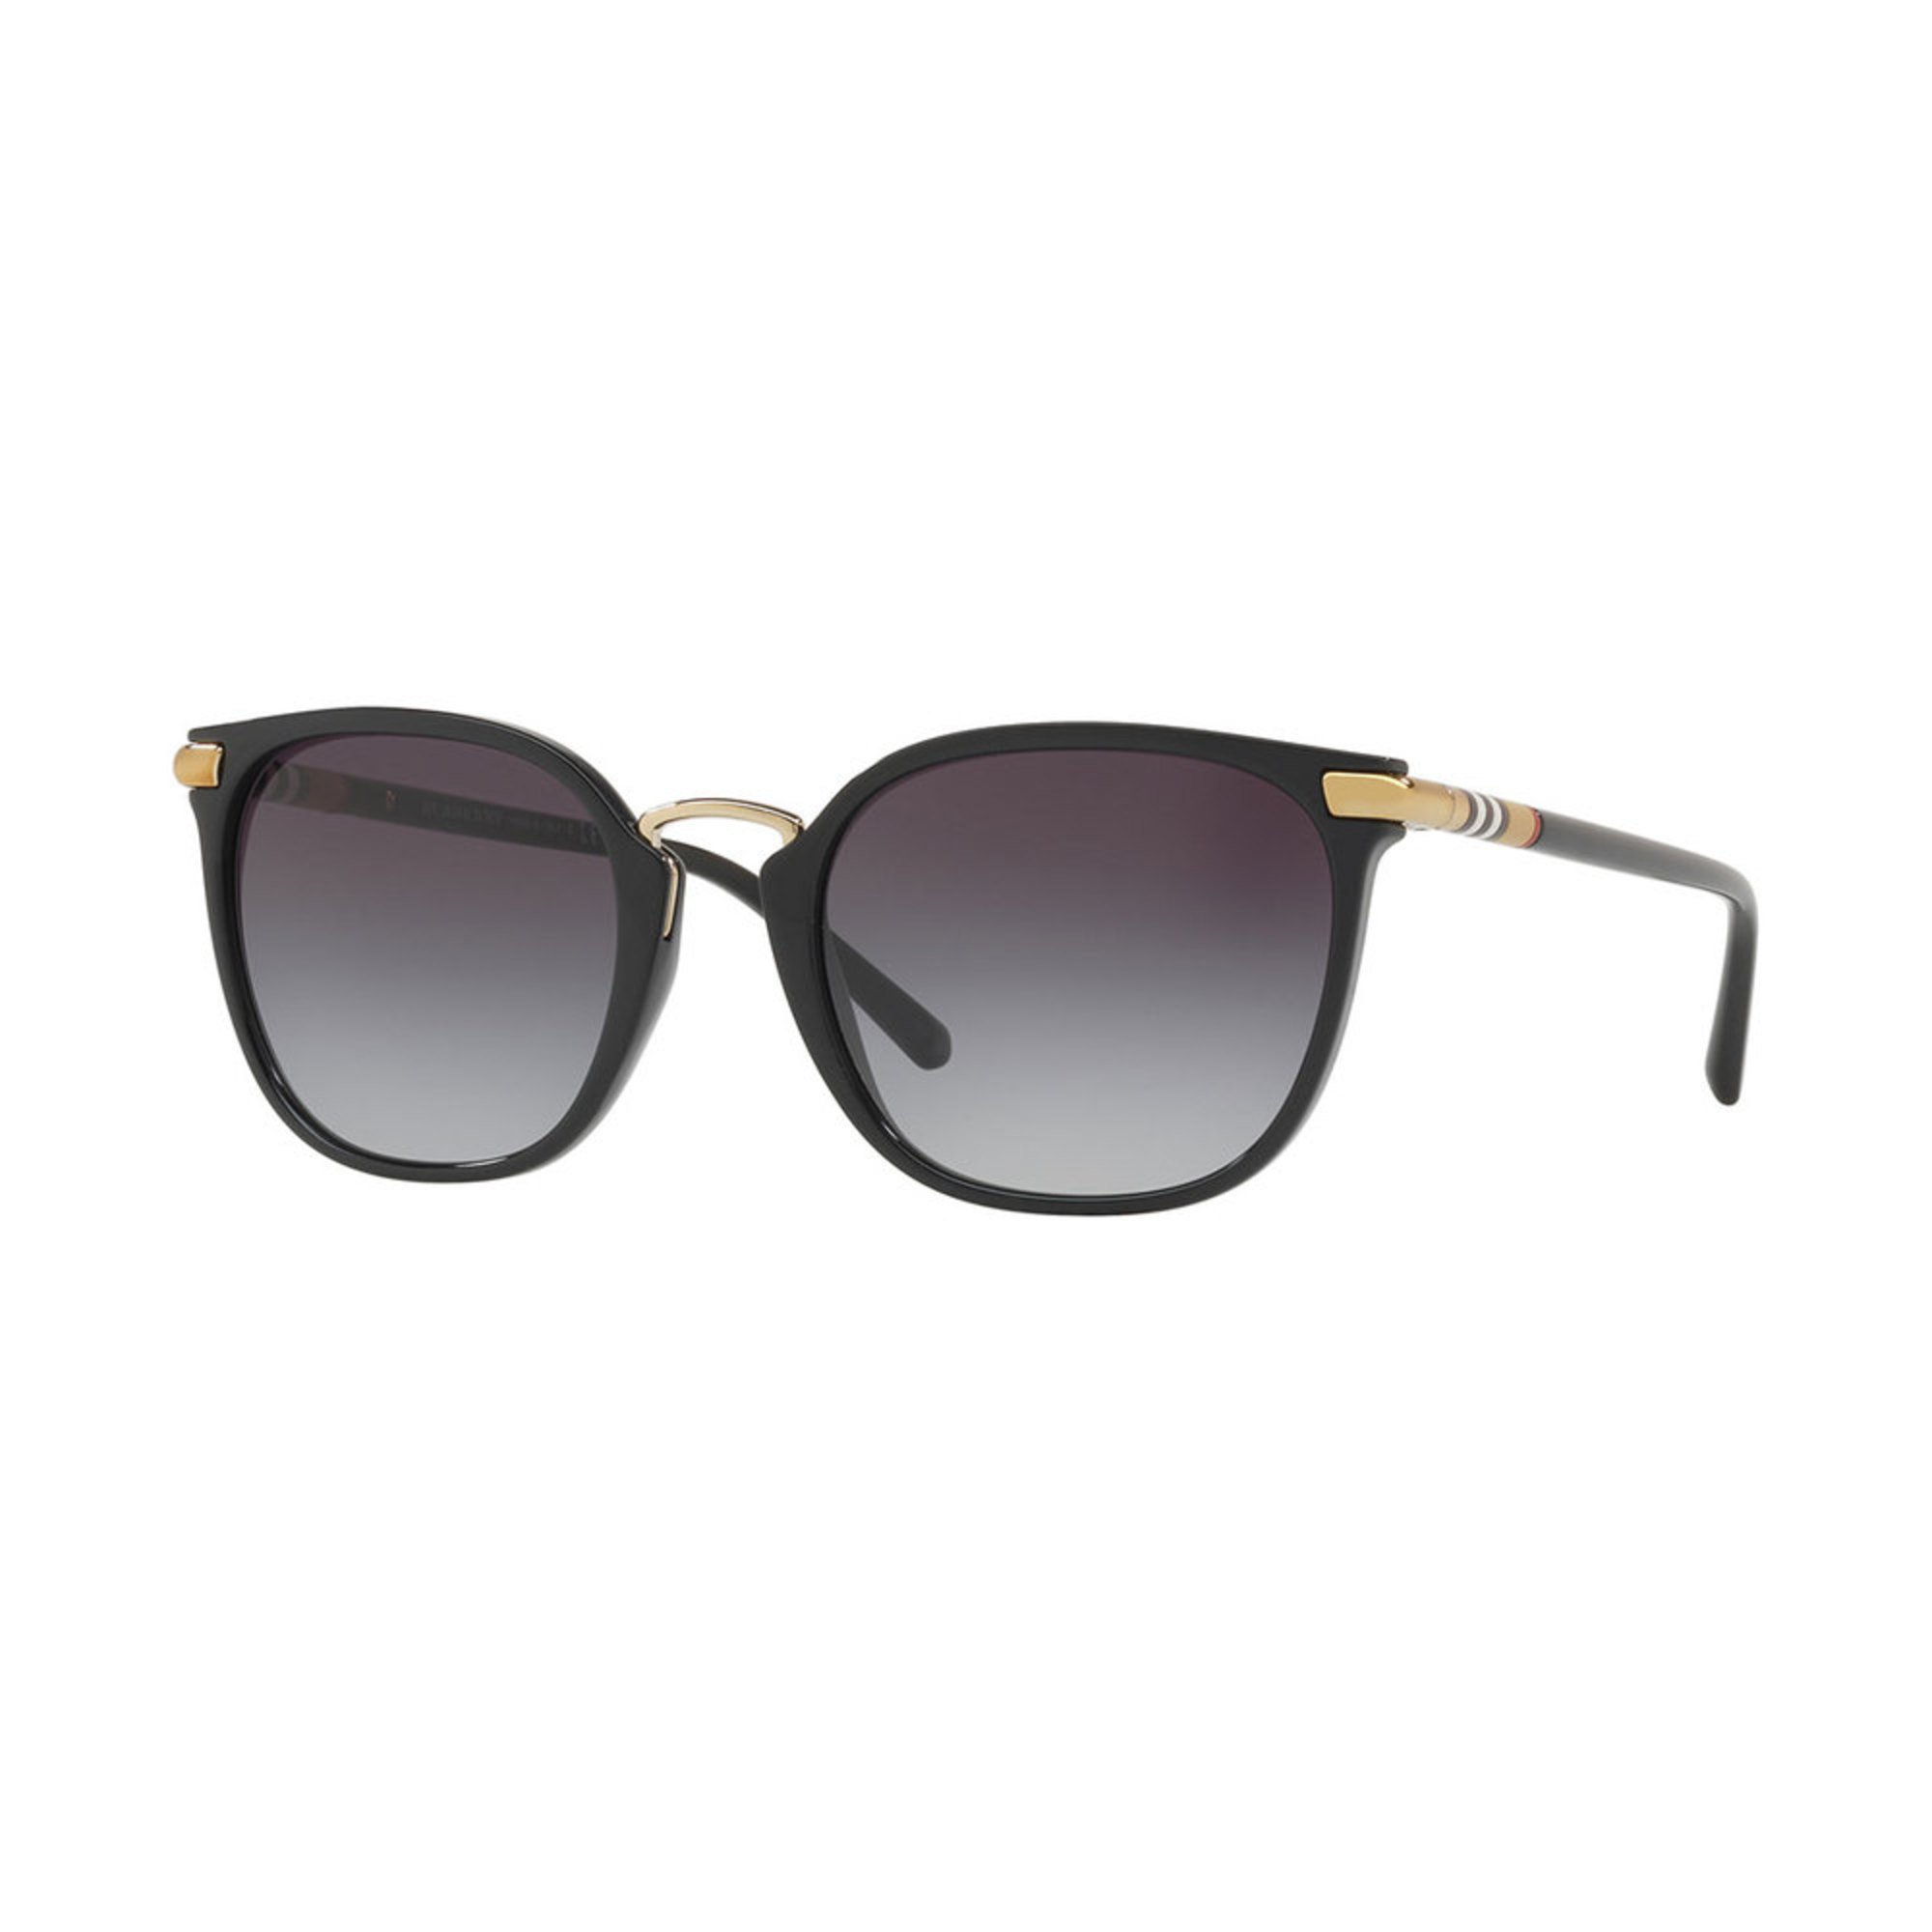 3cc643e04223 Burberry. Burberry Women s Square Sunglasses